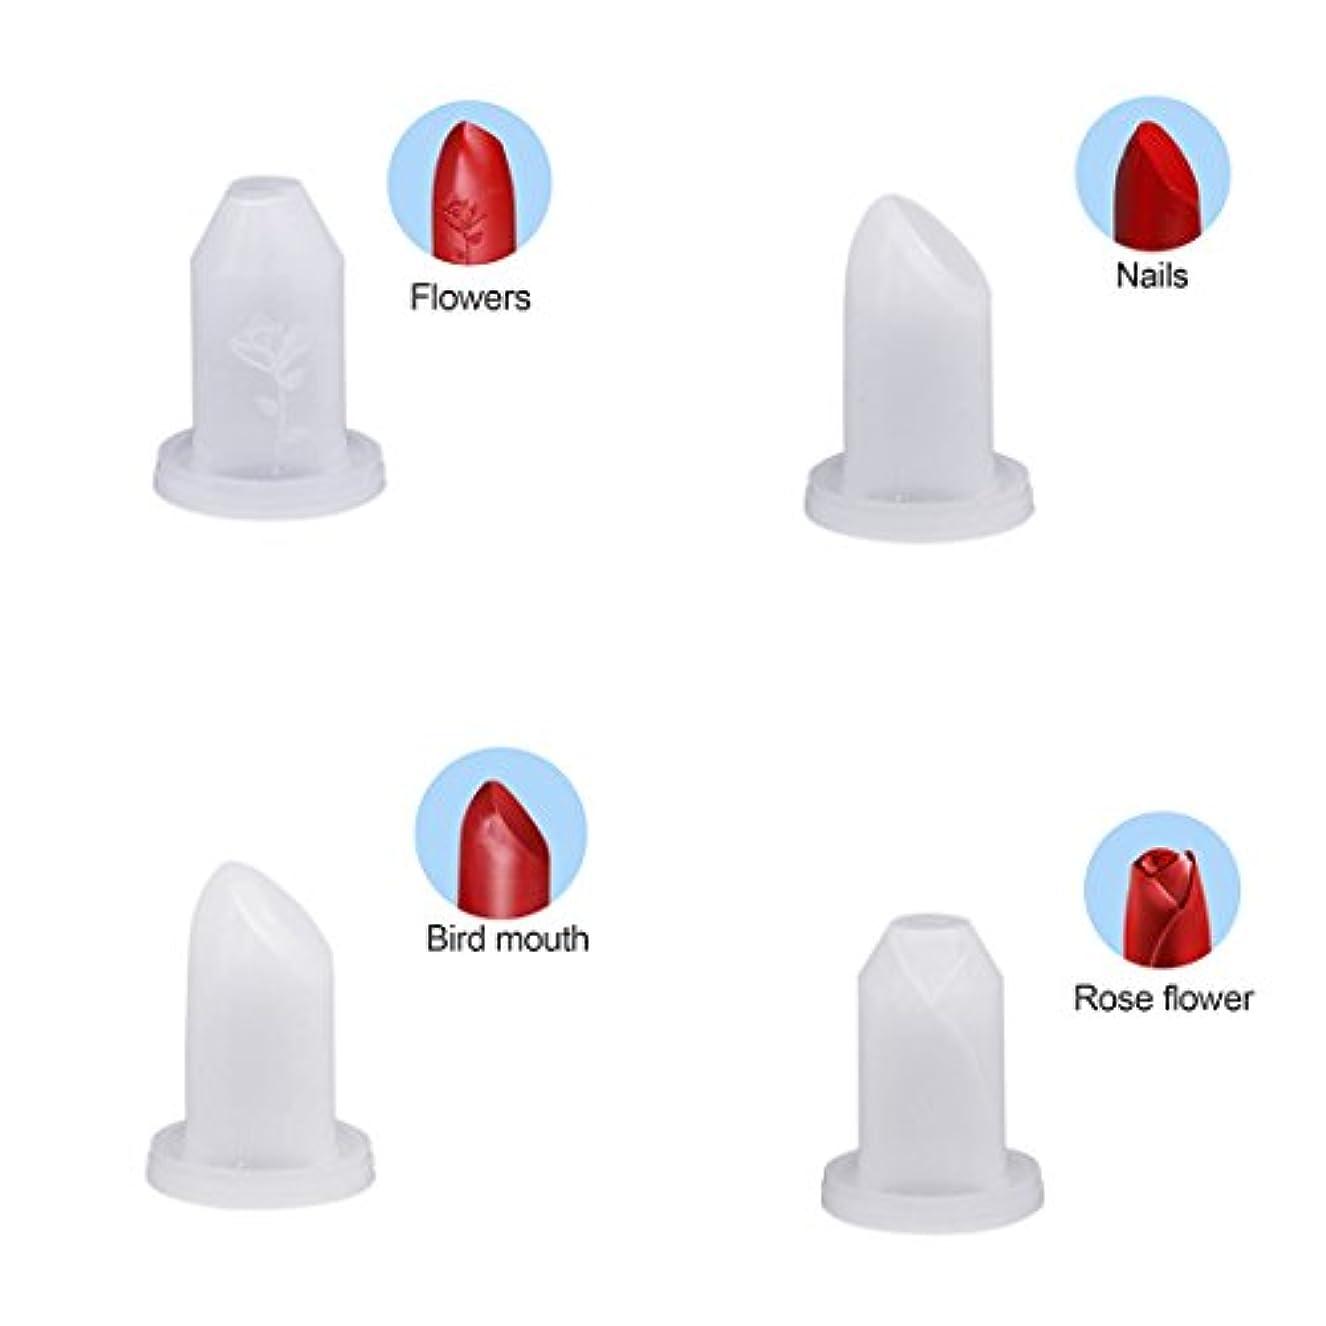 完璧買うファンタジーSODIAL 4個 手作り DIY 12.1ミリメートル 口紅チューブ シリコーンの金型 口紅モールド 美容ツール 鳥の口/爪/花/バラ